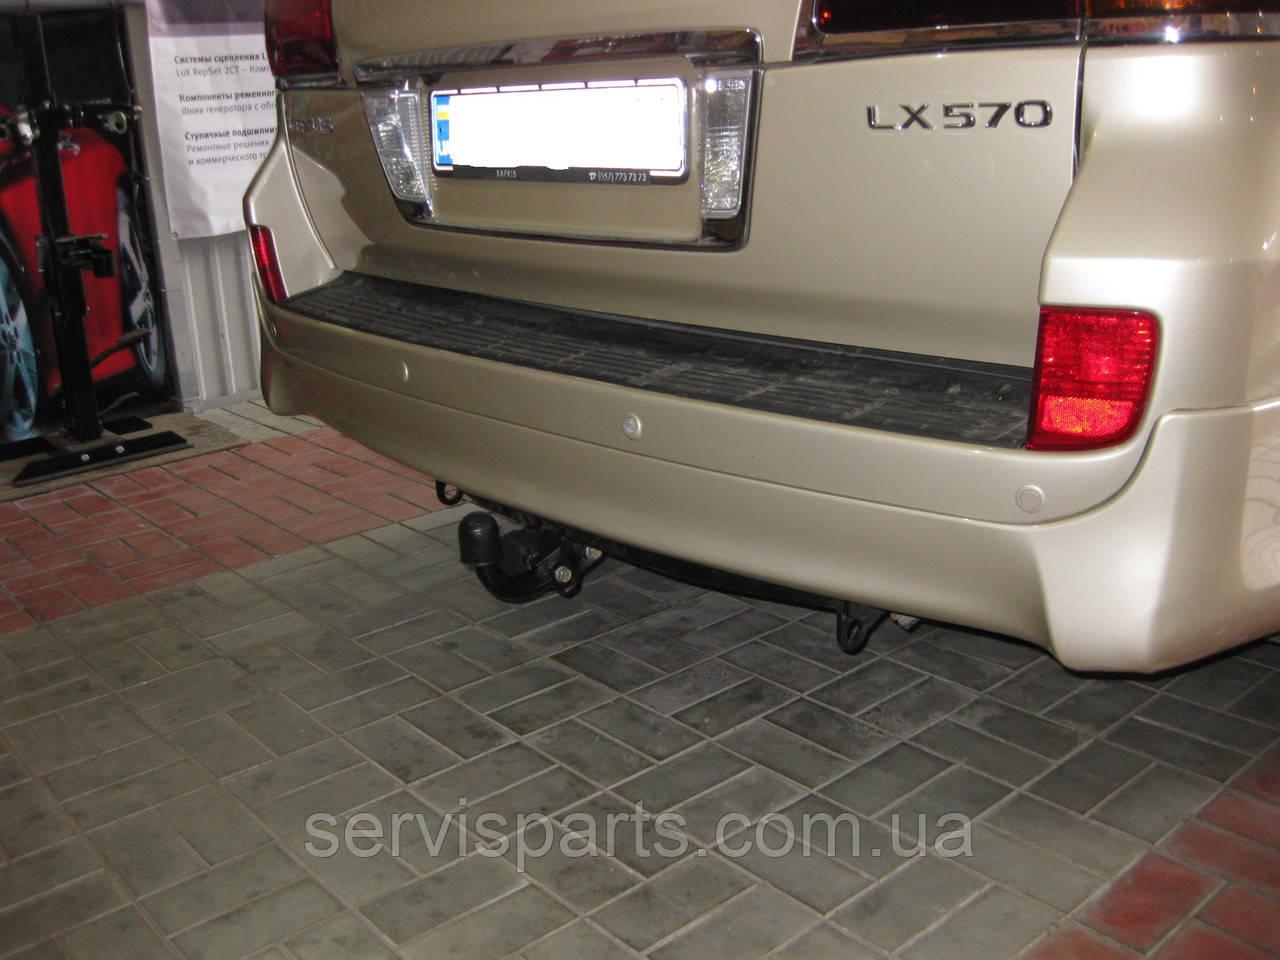 Фаркоп Lexus LX 570 (Лексус 570)